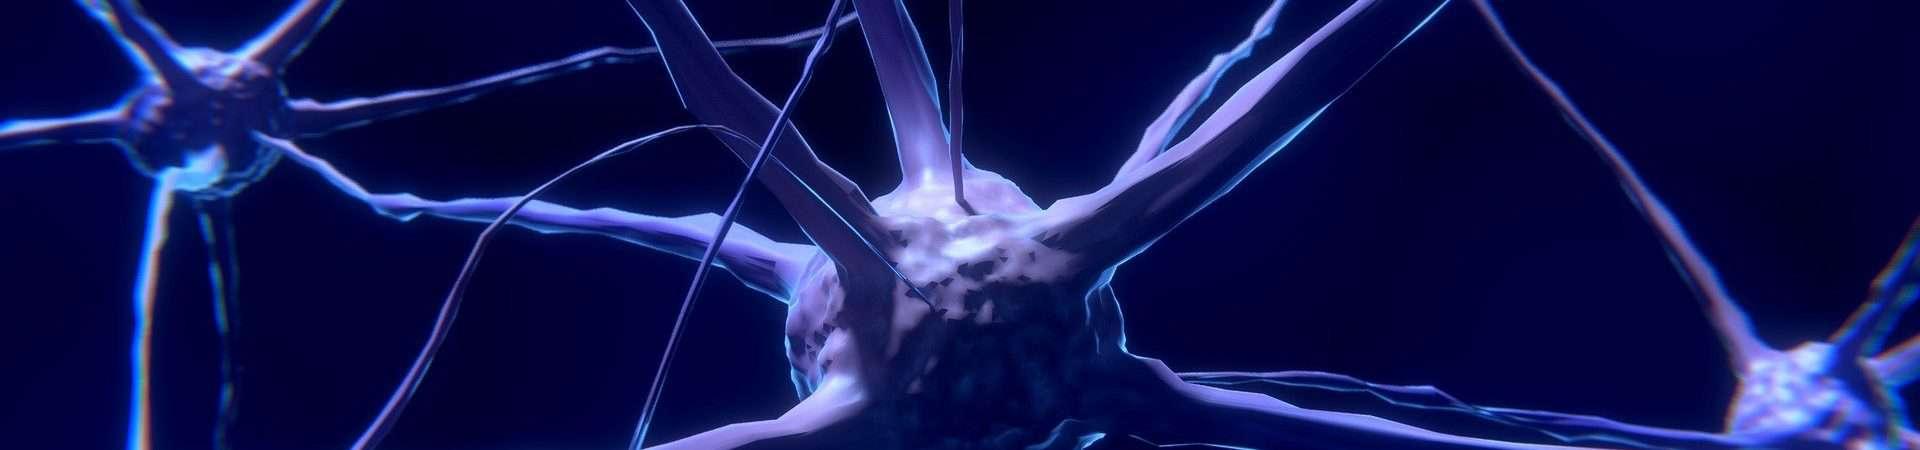 Ilustração de neurônios